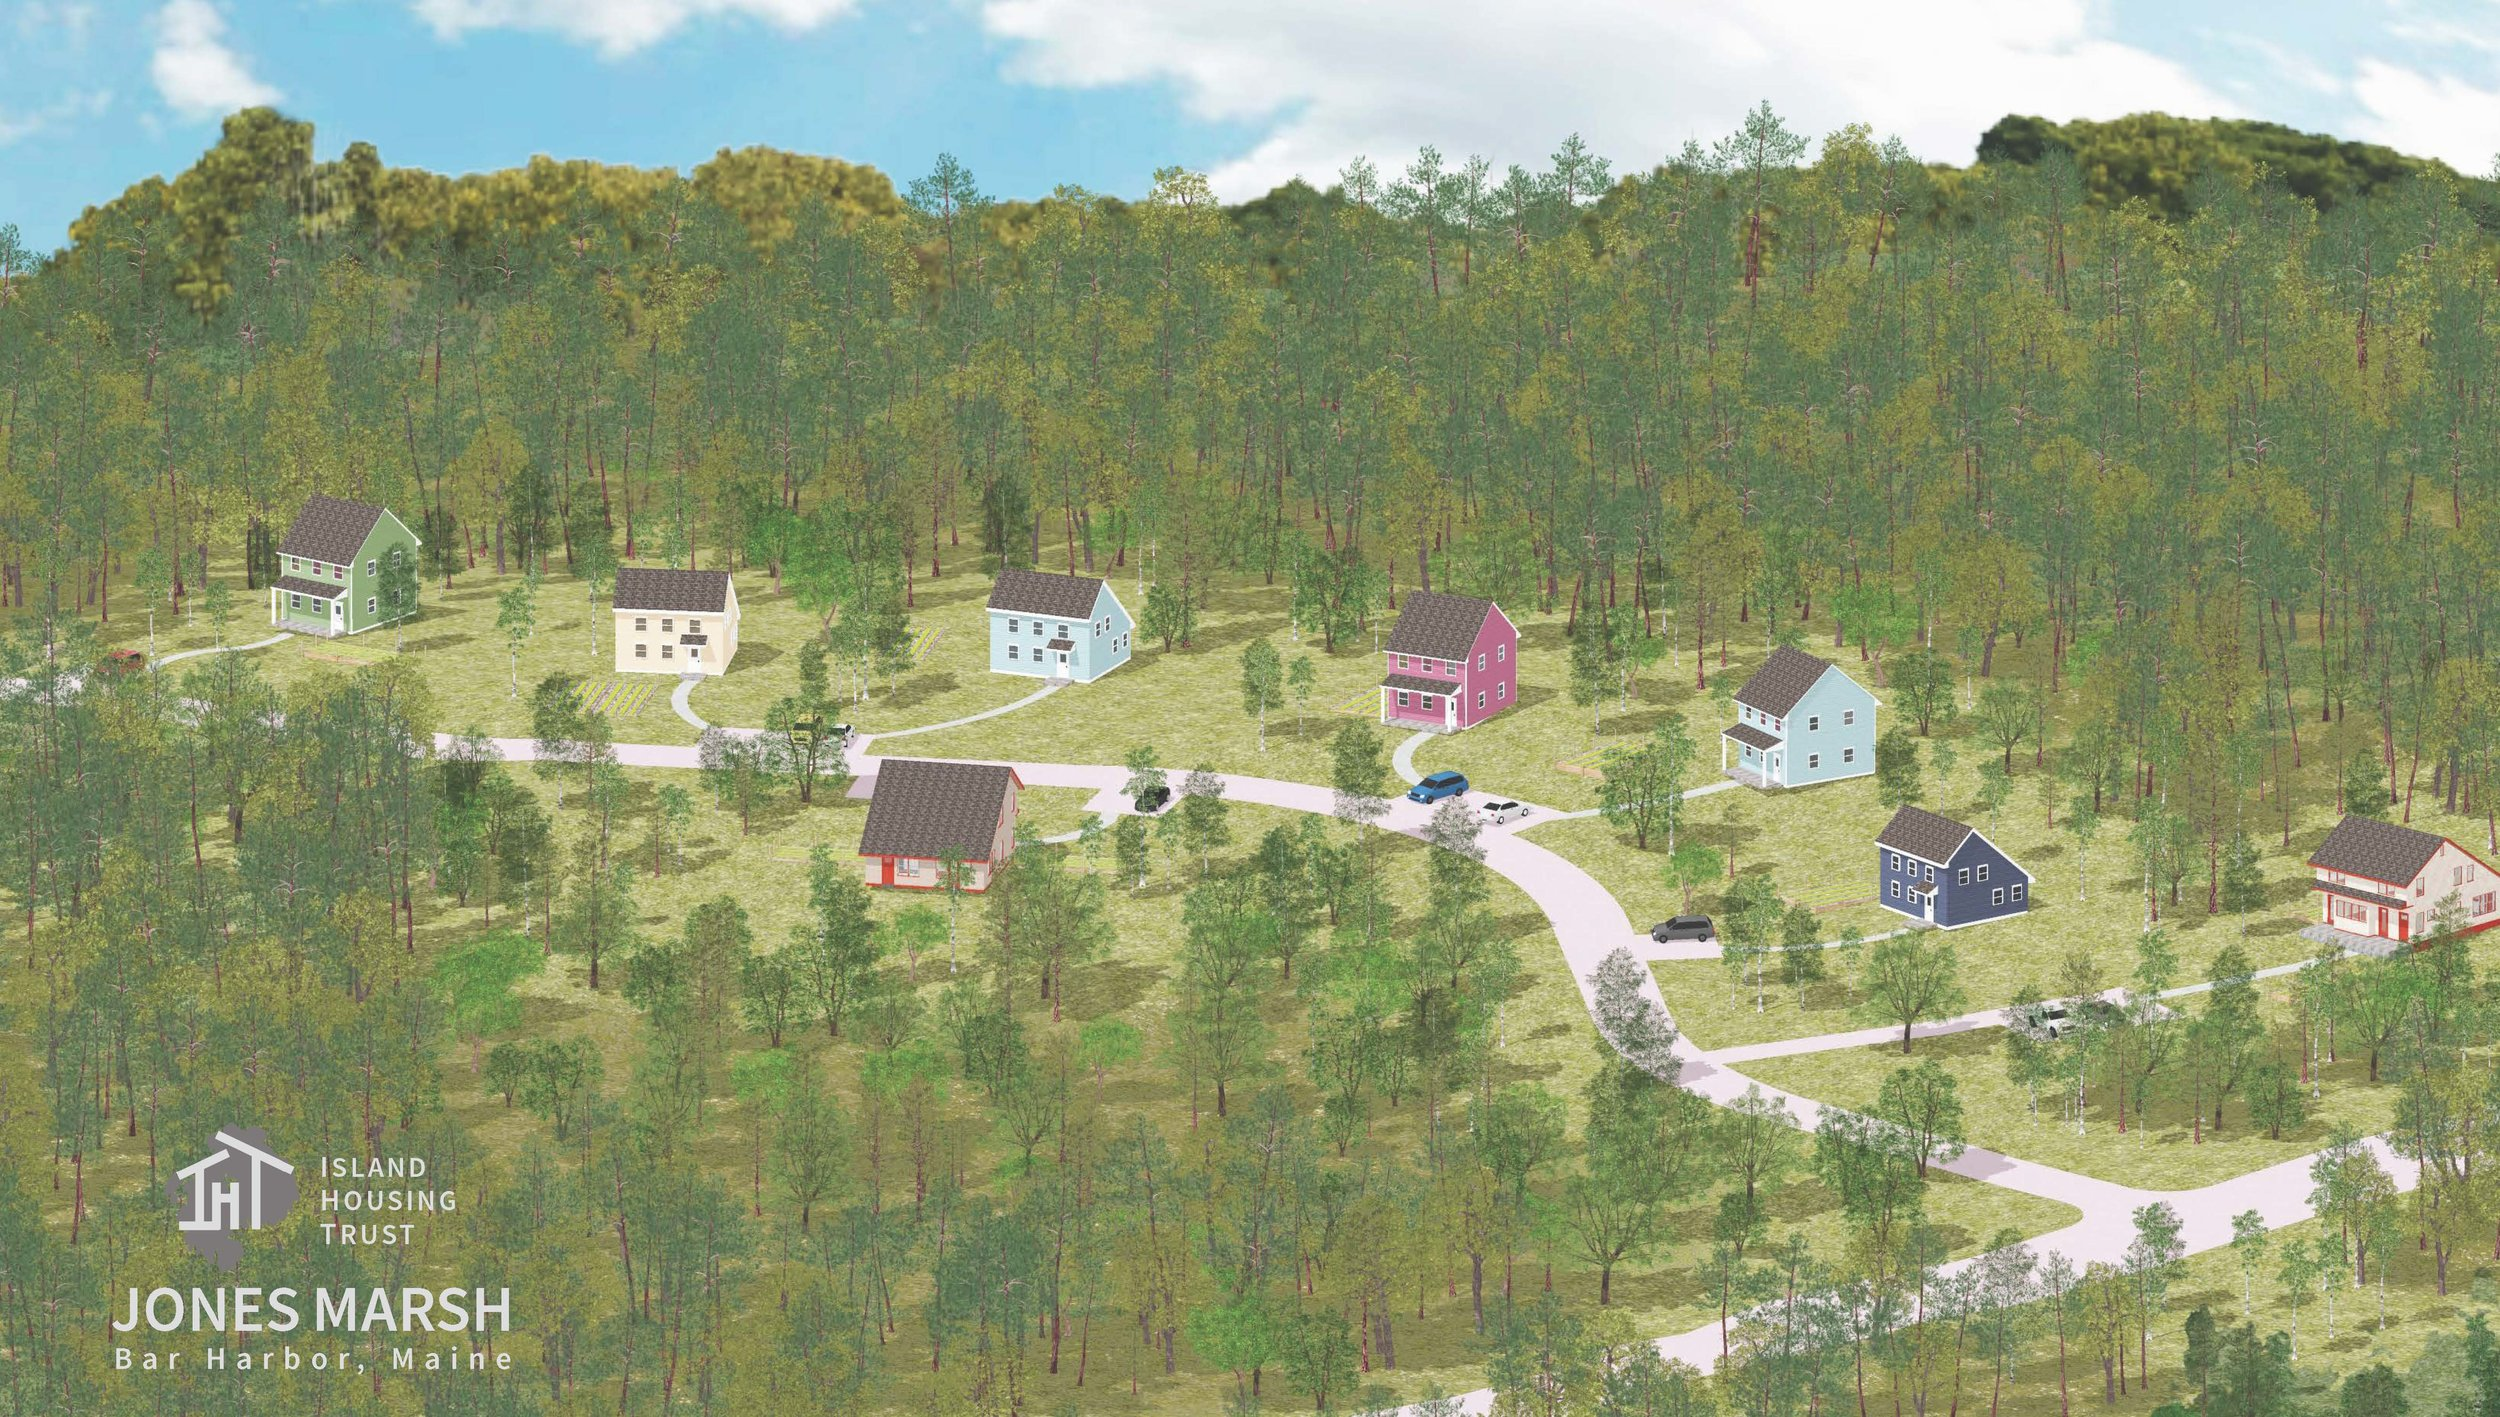 Conceptual rendering of the new Jones Marsh neighborhood